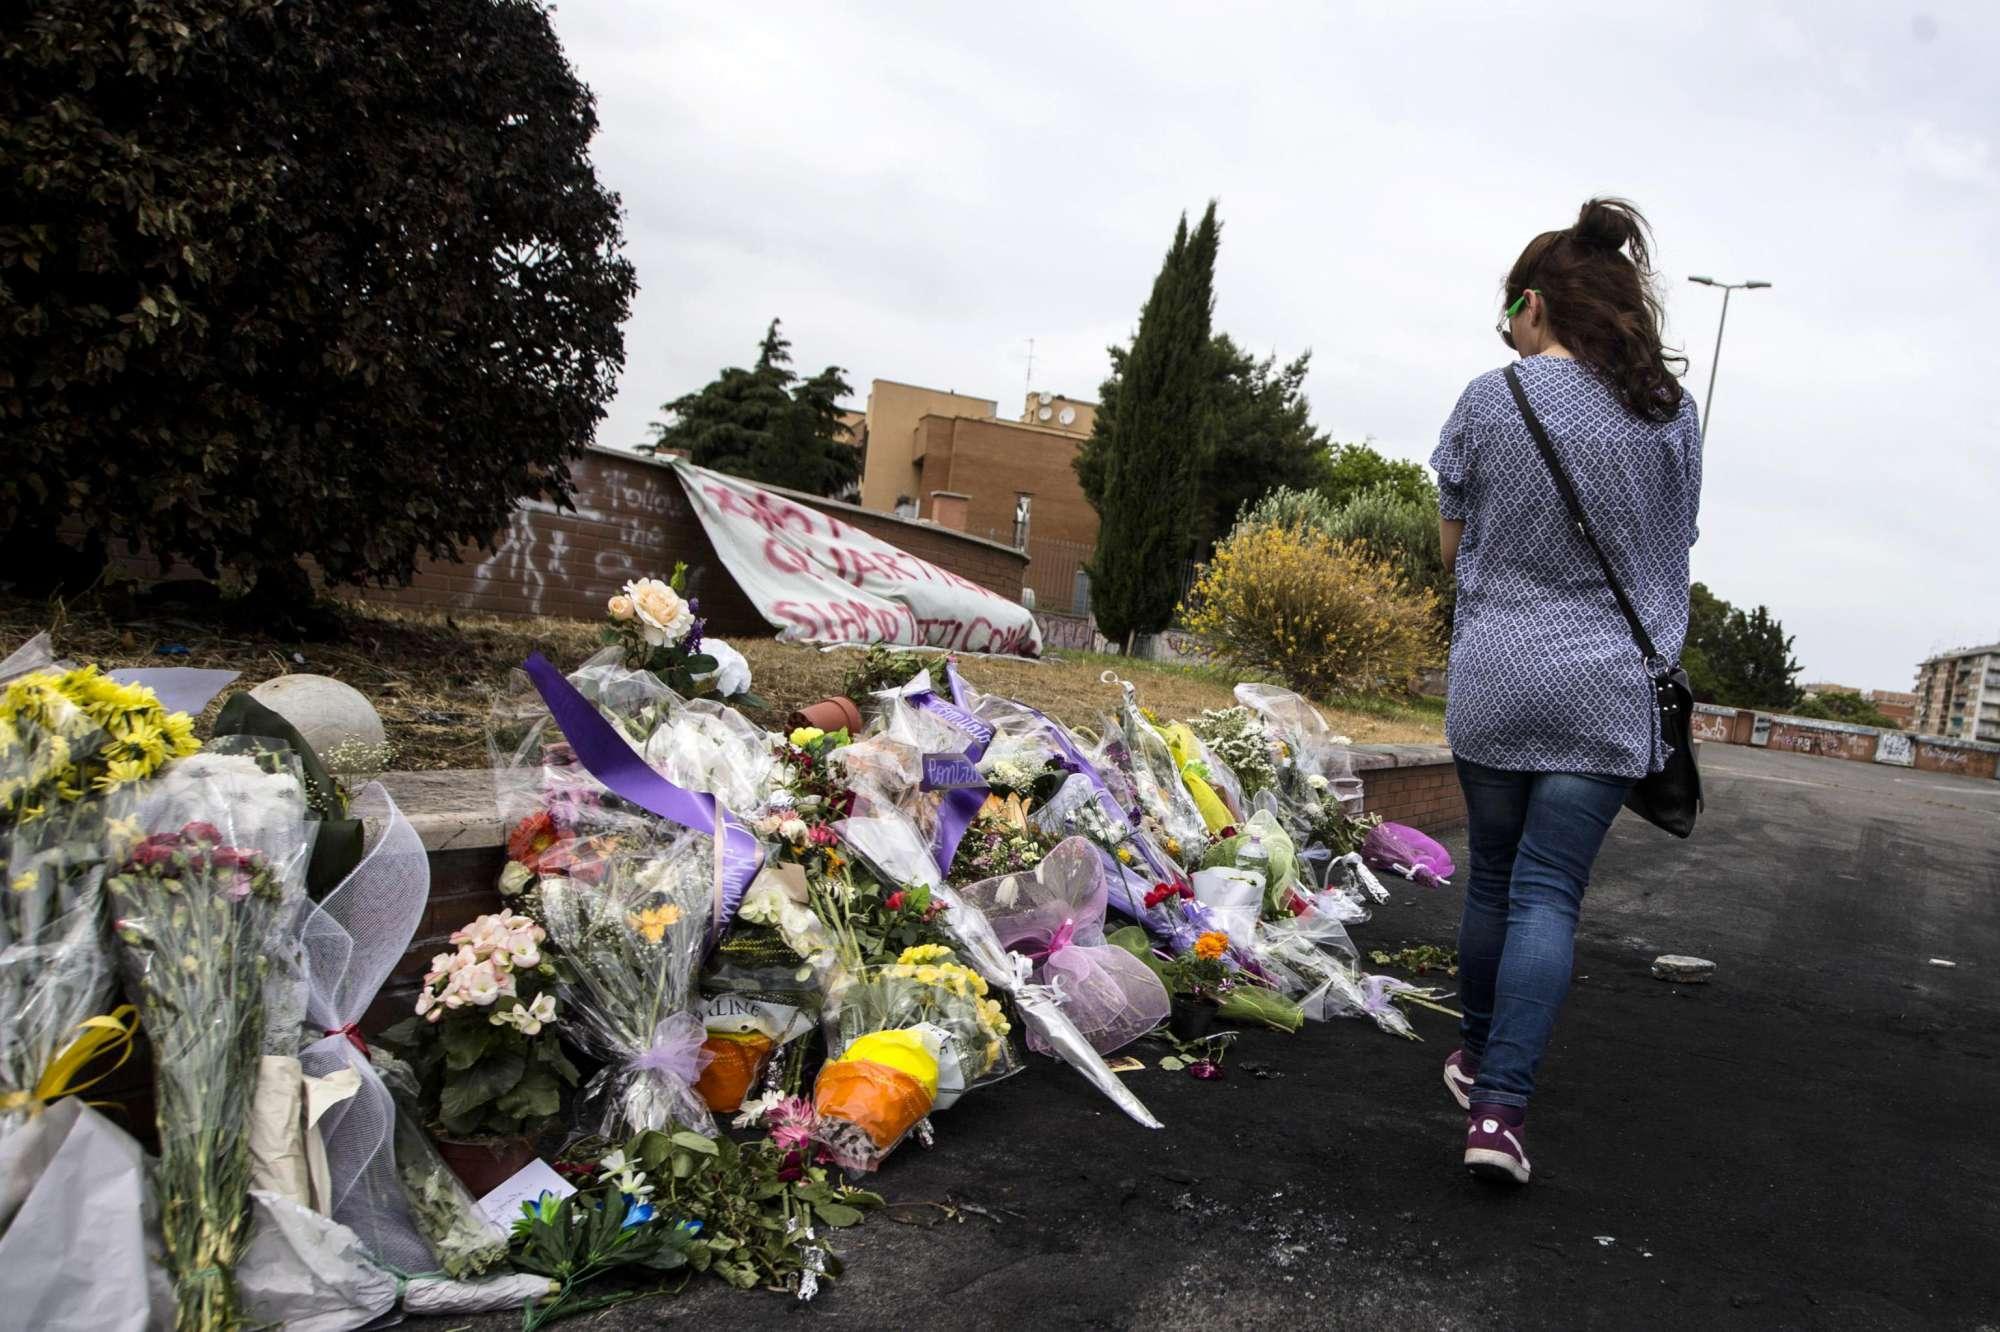 Rogo del camper a Centocelle, fiori in ricordo delle tre sorelle uccise